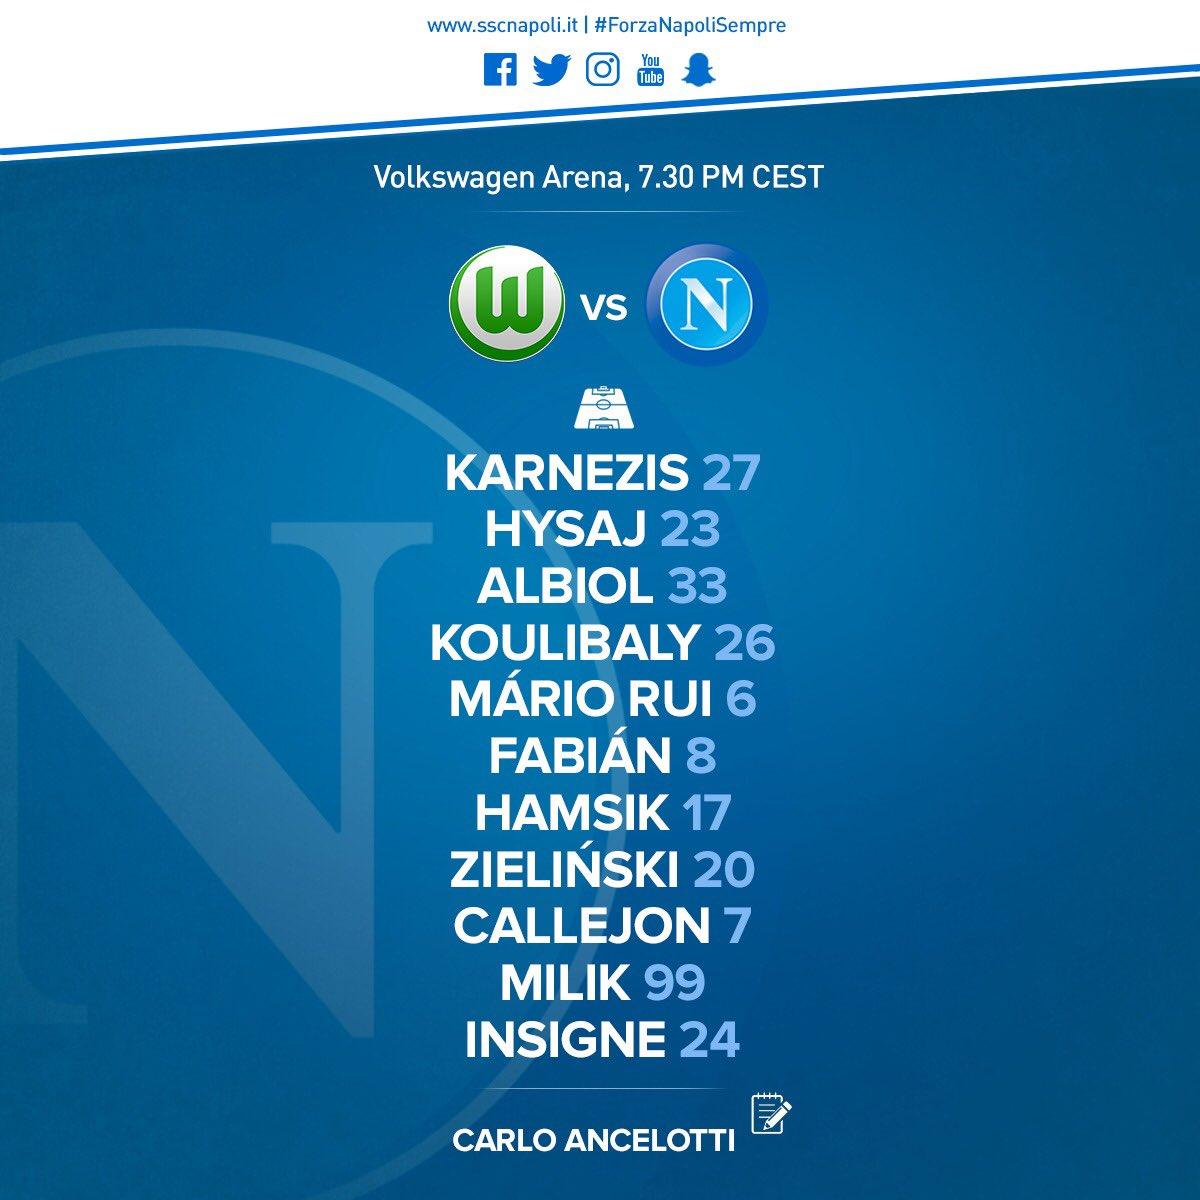 Wolfsburg-Napoli, le formazioni ufficiali: Zielinski-Hamsik-Fabian, centrocampo tecnico per Ancelotti